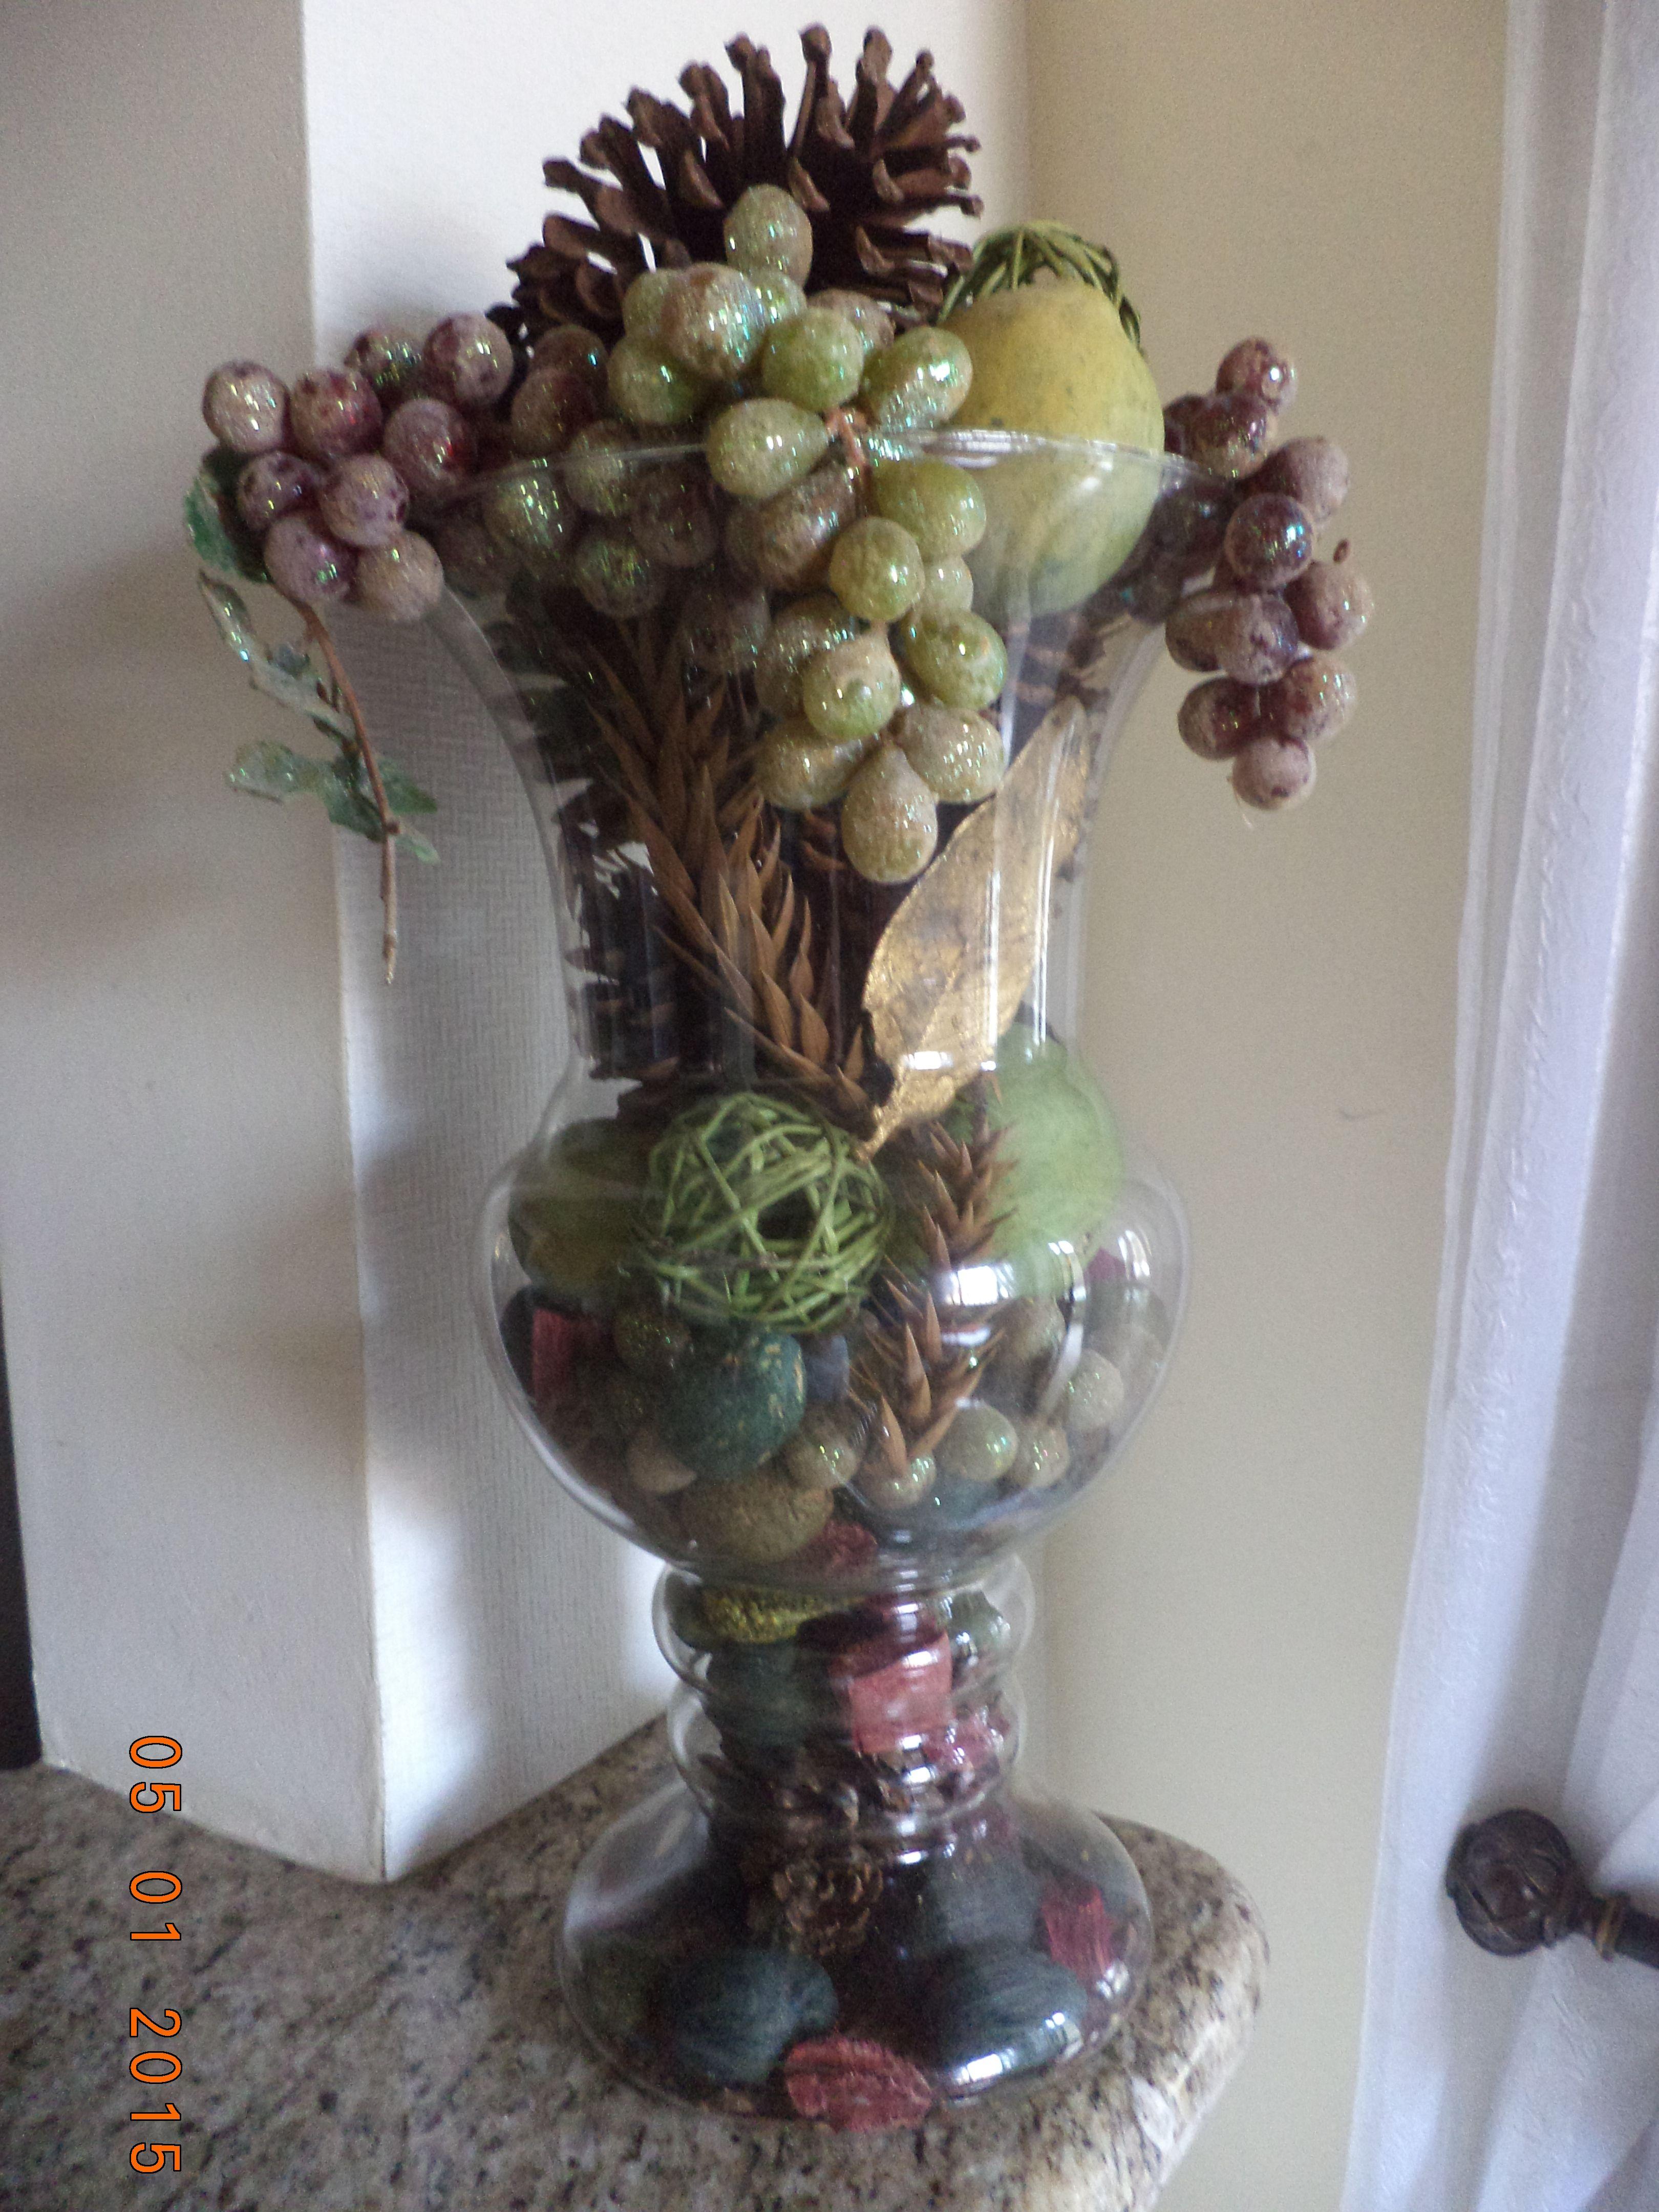 Um Grande Vaso Transparente Aqueles De Vidro Bem Leve E Barato